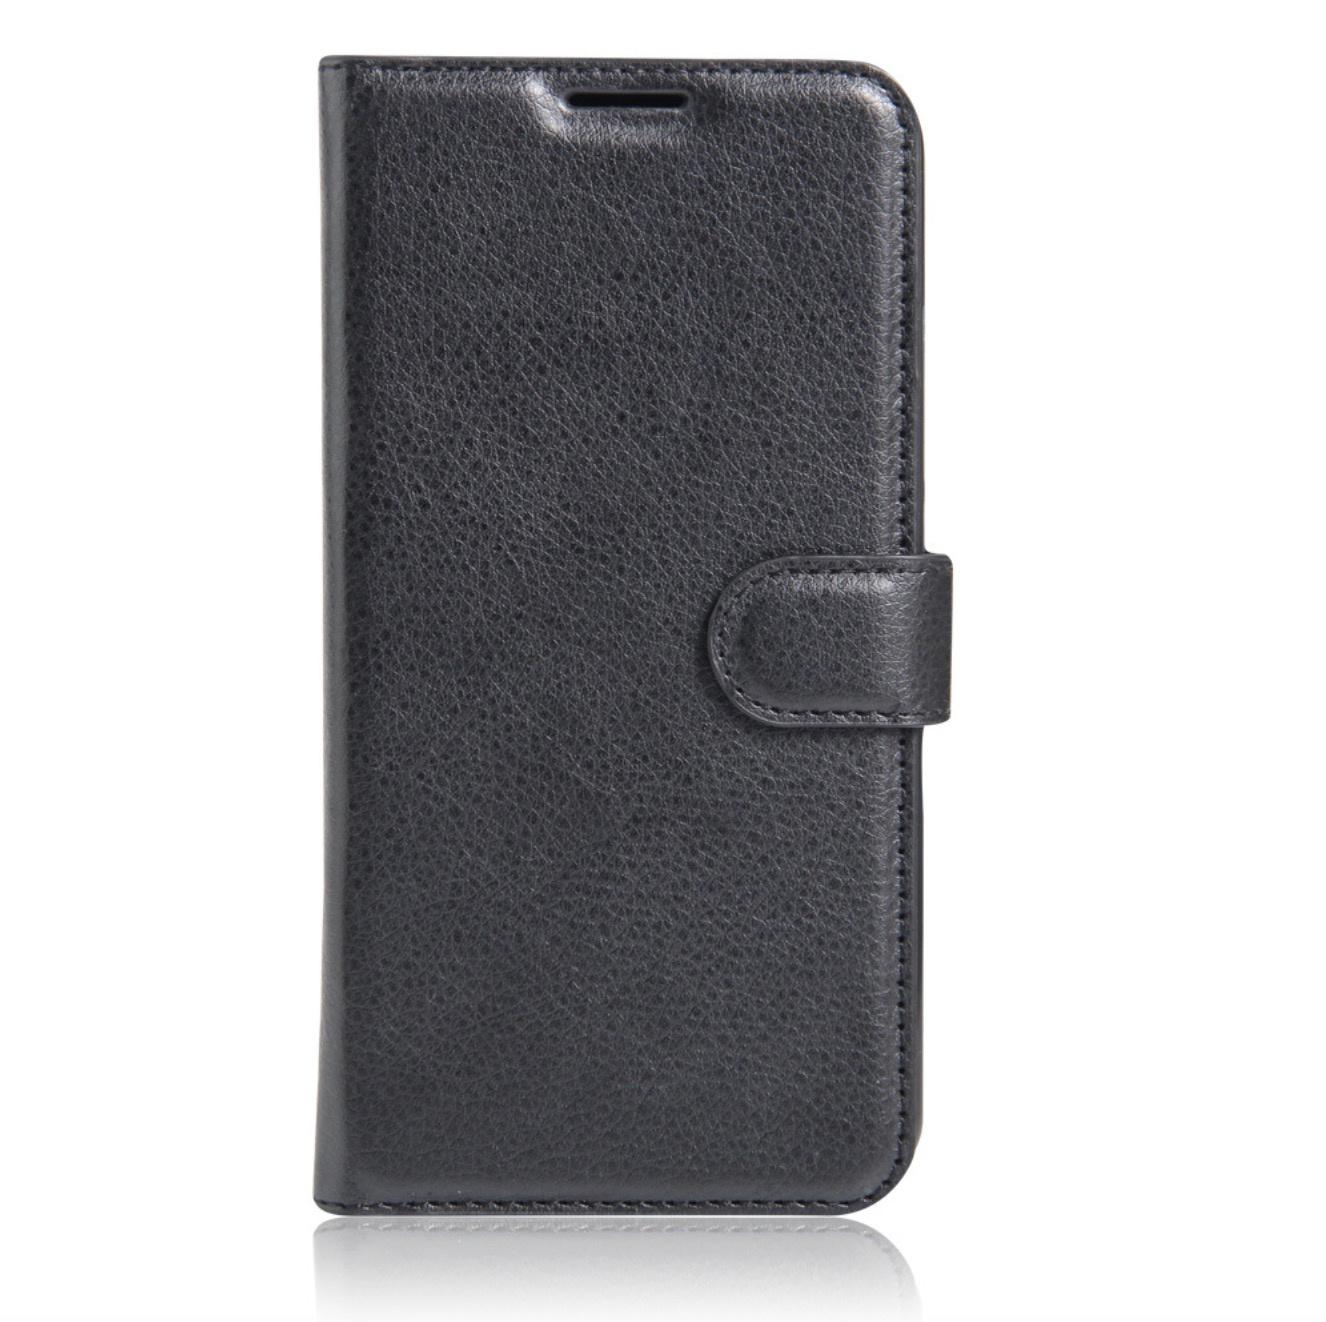 Чехол MyPads для Huawei Honor 3X с мульти-подставкой застёжкой и визитницей черный